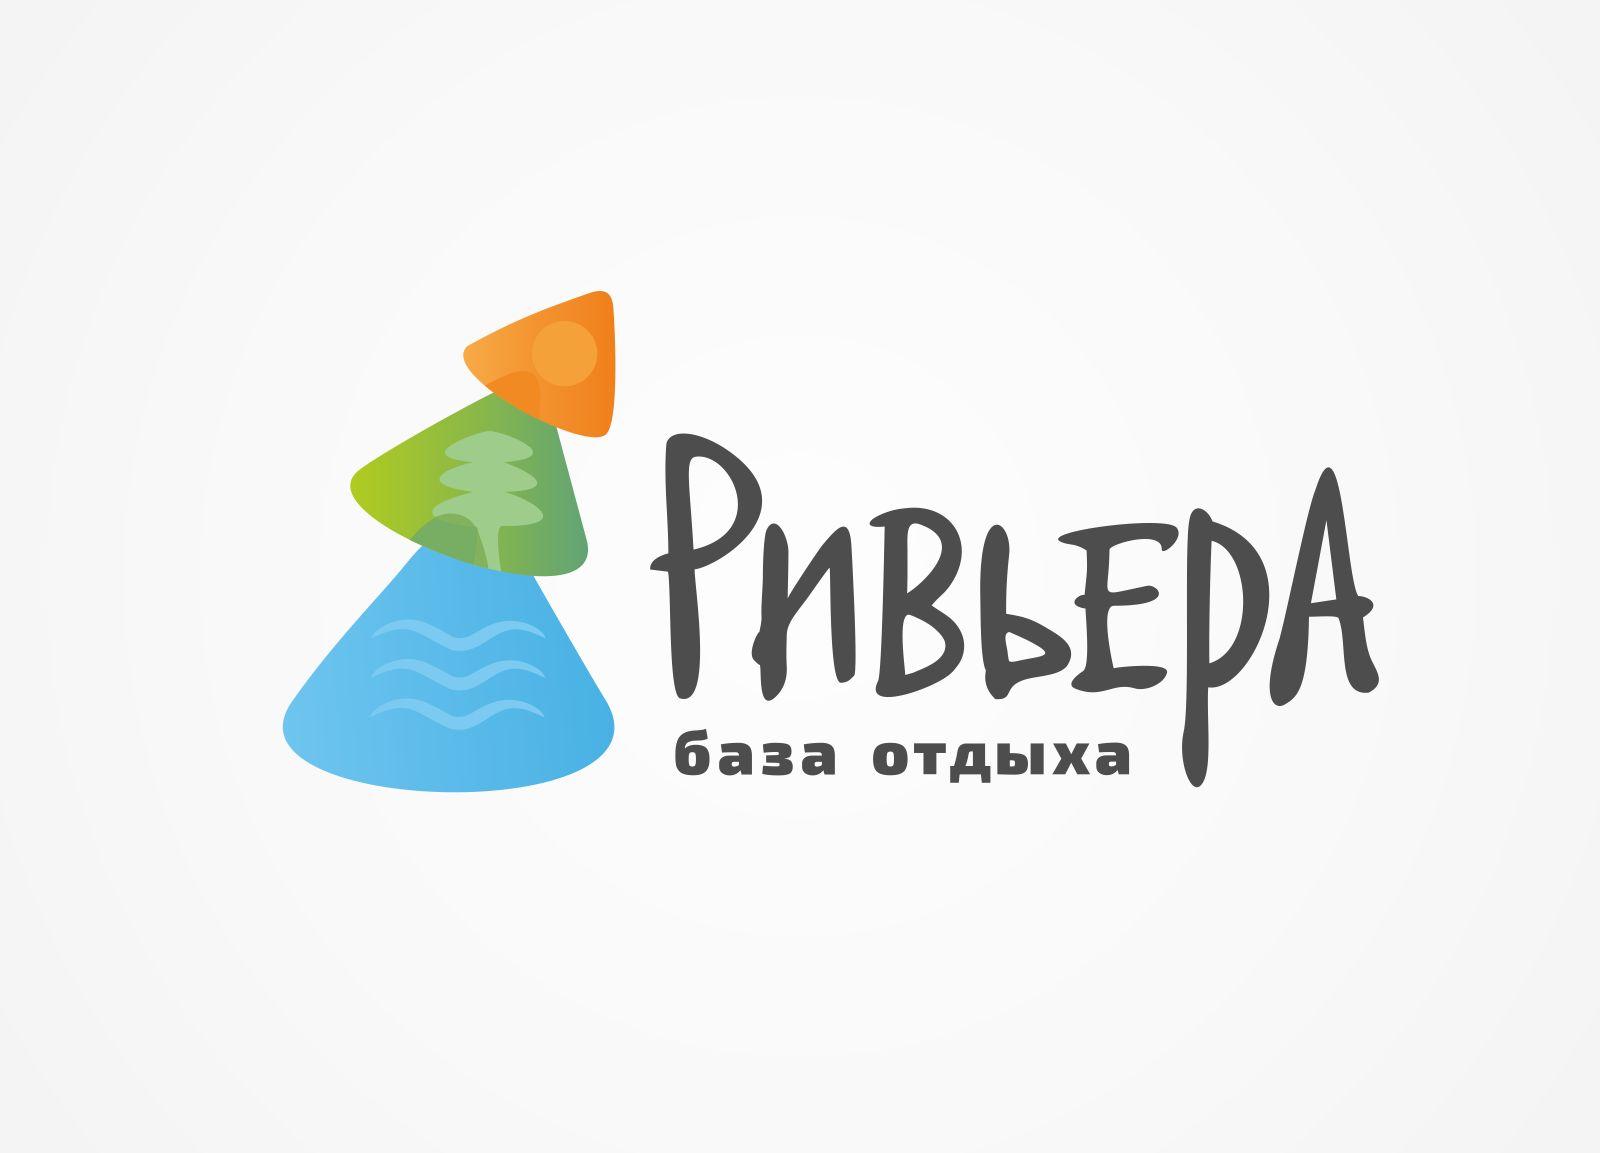 Логотип и фирменный стиль для базы отдыха  - дизайнер shephardadv